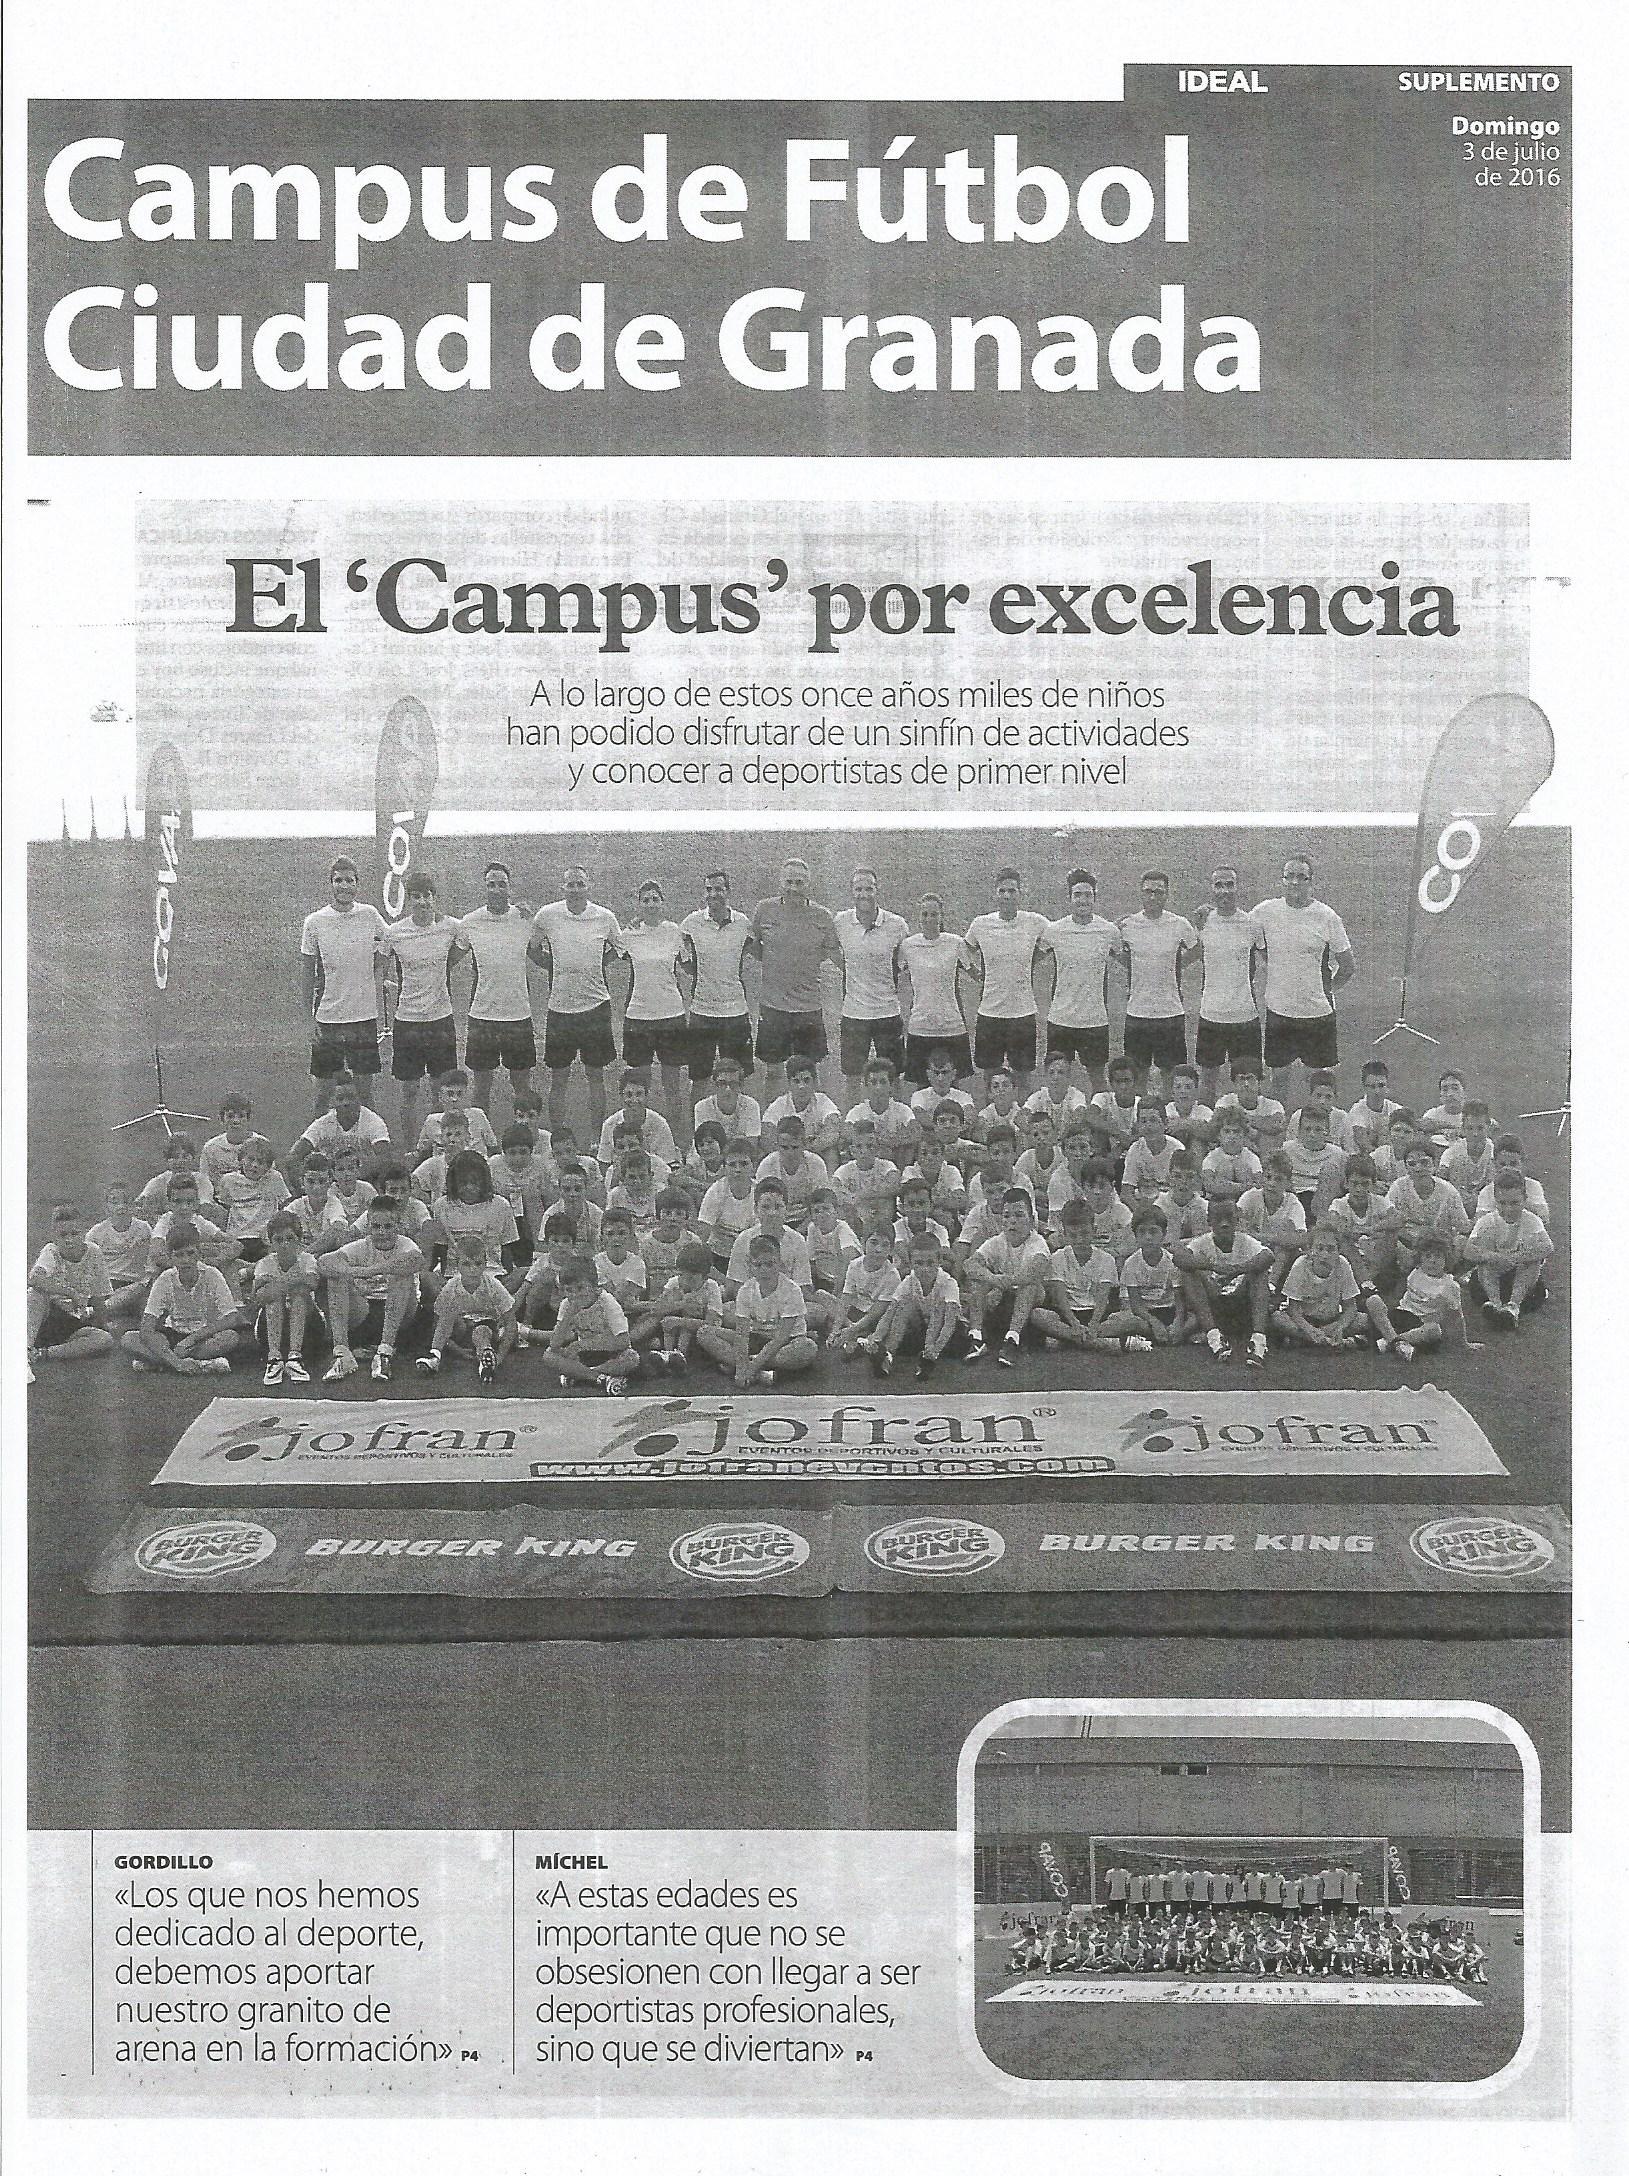 Campus de Fútbol Ciudad de Granada 1